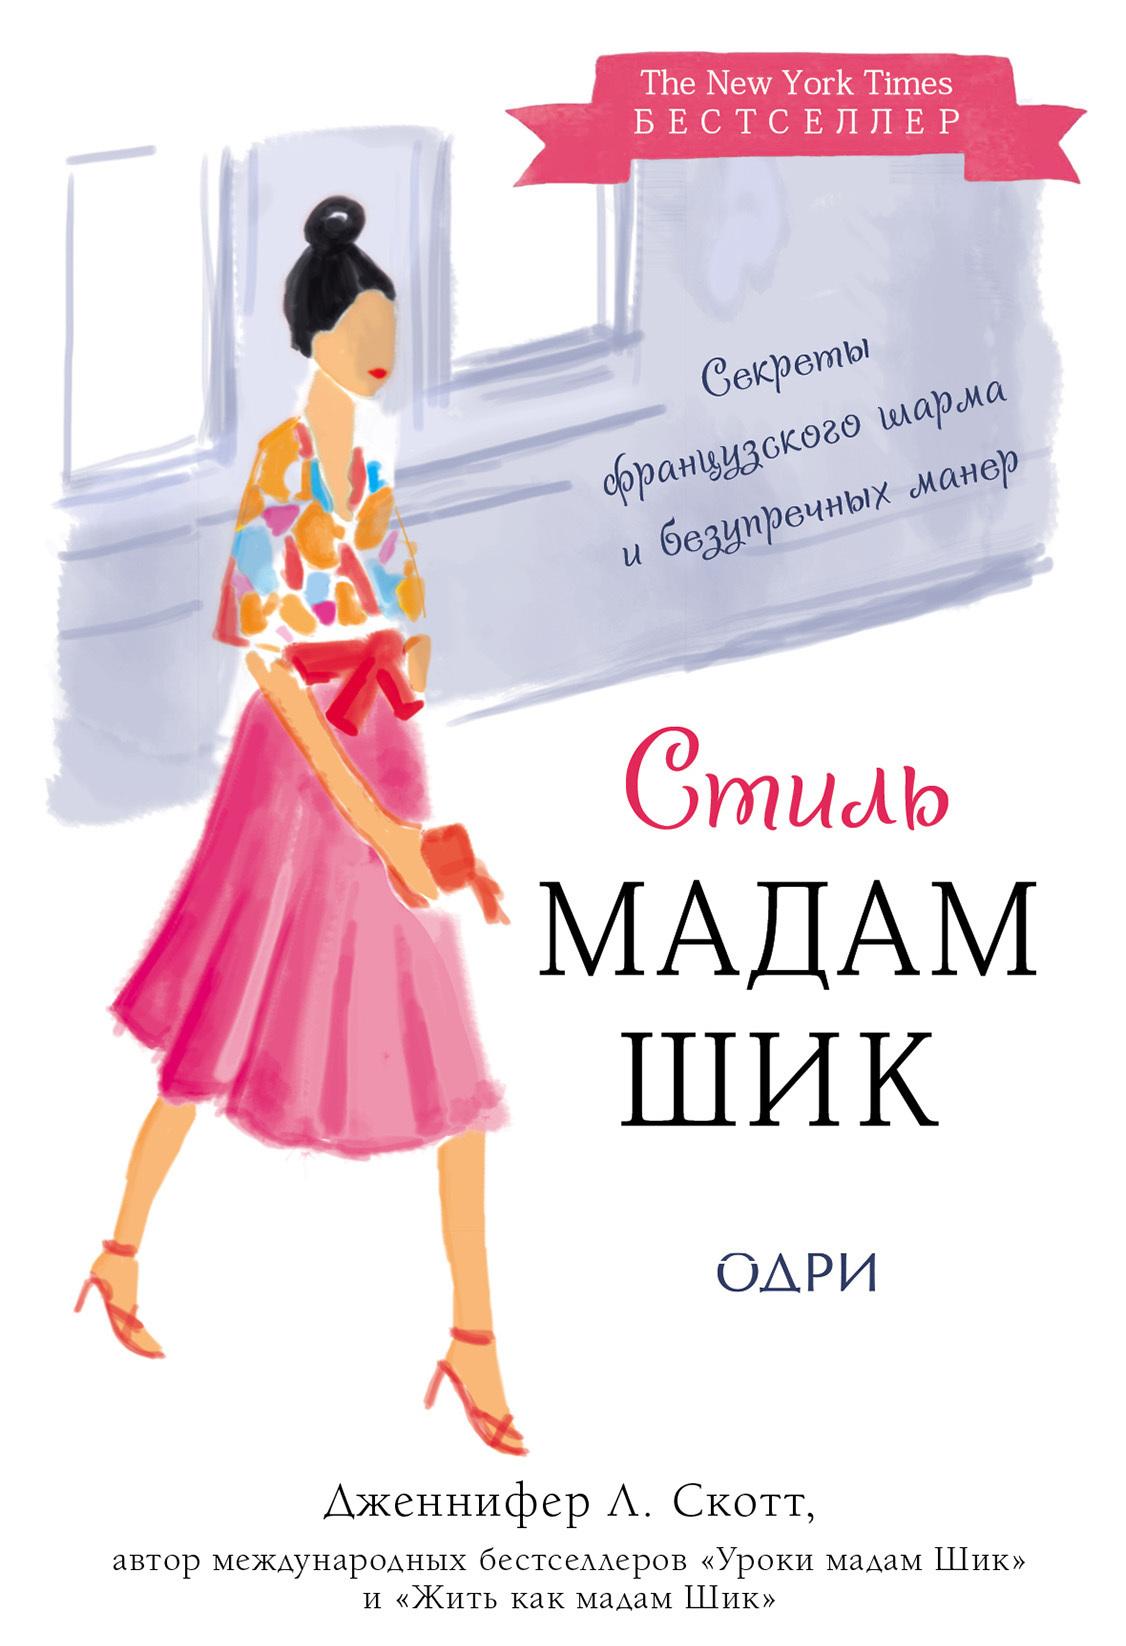 скачать бесплатно книгу Стиль Мадам Шик: секреты французского шарма и безупречных манер